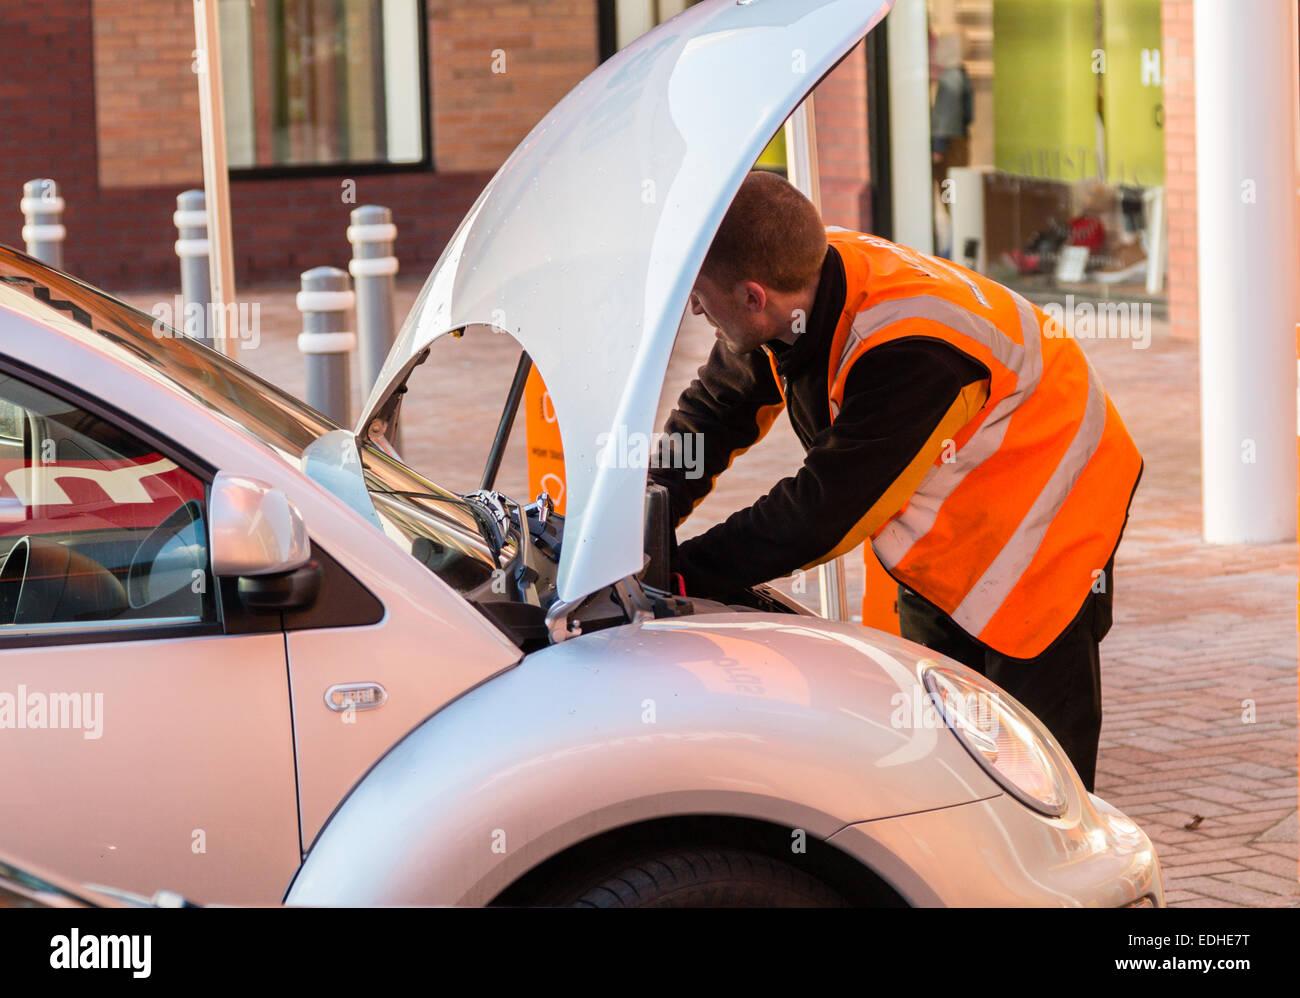 Meccanico maschio lavora su una macchina con il cofano (il cofano). Indossa un arancio hi-viz giacca. Scomodo concetto. Immagini Stock